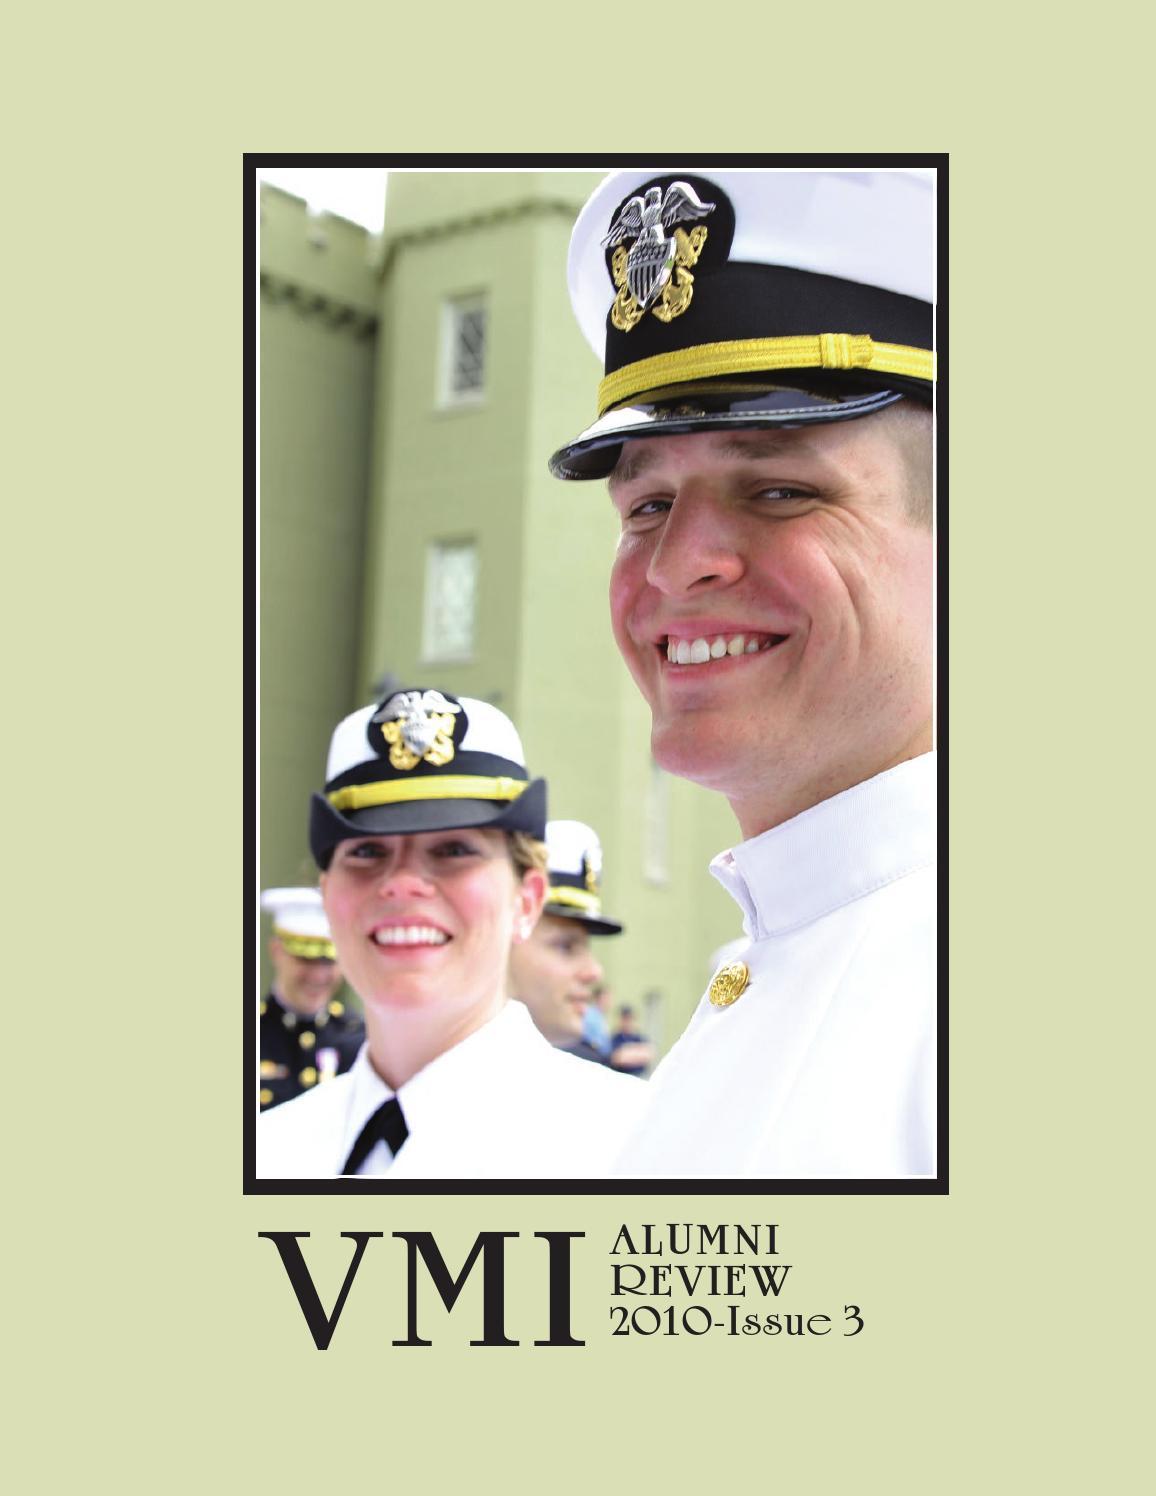 alumni review issue by vmi alumni agencies issuu